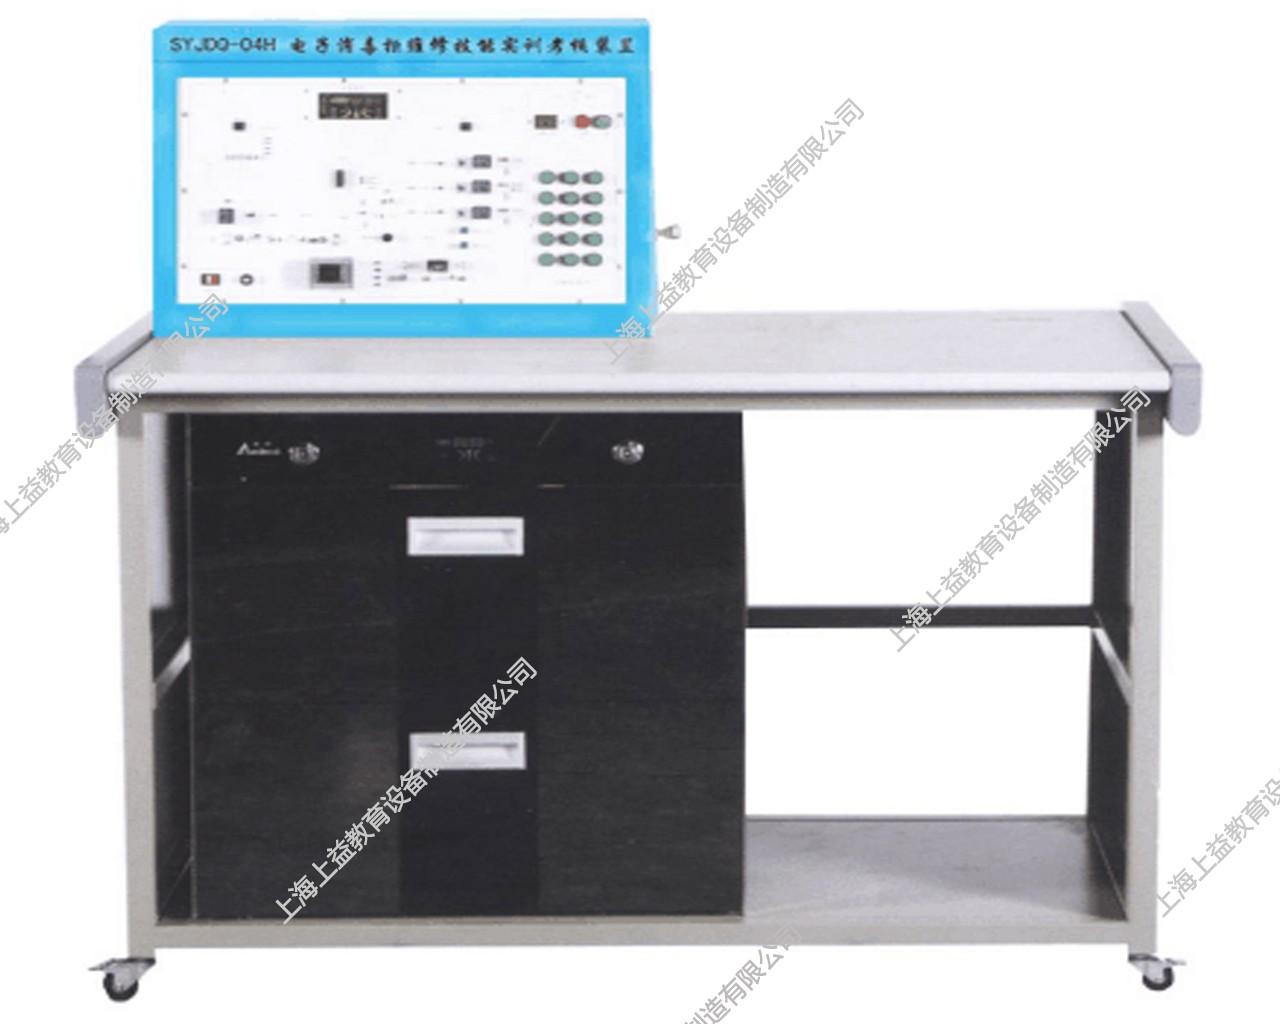 SYJDQ-04H电子消毒柜维修技能wwwlehu8viplehu68vip装置